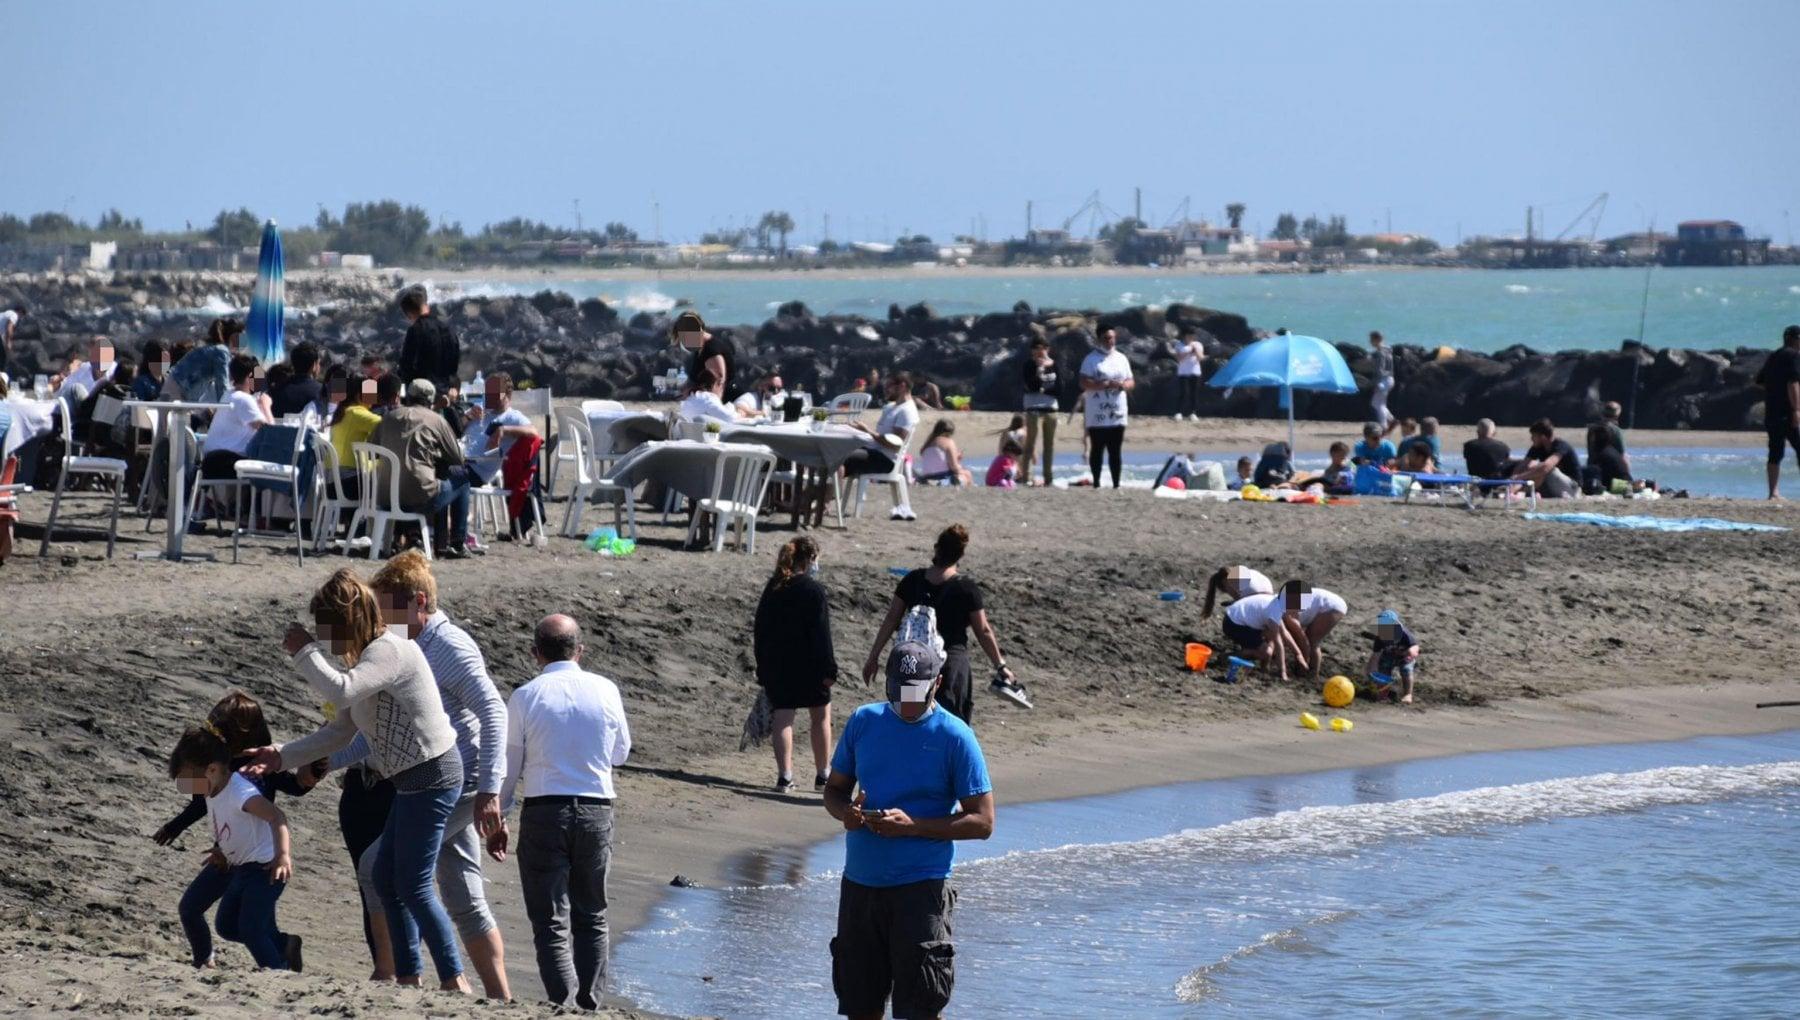 """103835067 1aaca2b7 bab9 4606 b7e2 7ac9f8192f3d - L'indagine di Legambiente: """"Sulle nostre spiagge 783 rifiuti ogni 100 metri, l'84% sono di plastica"""""""